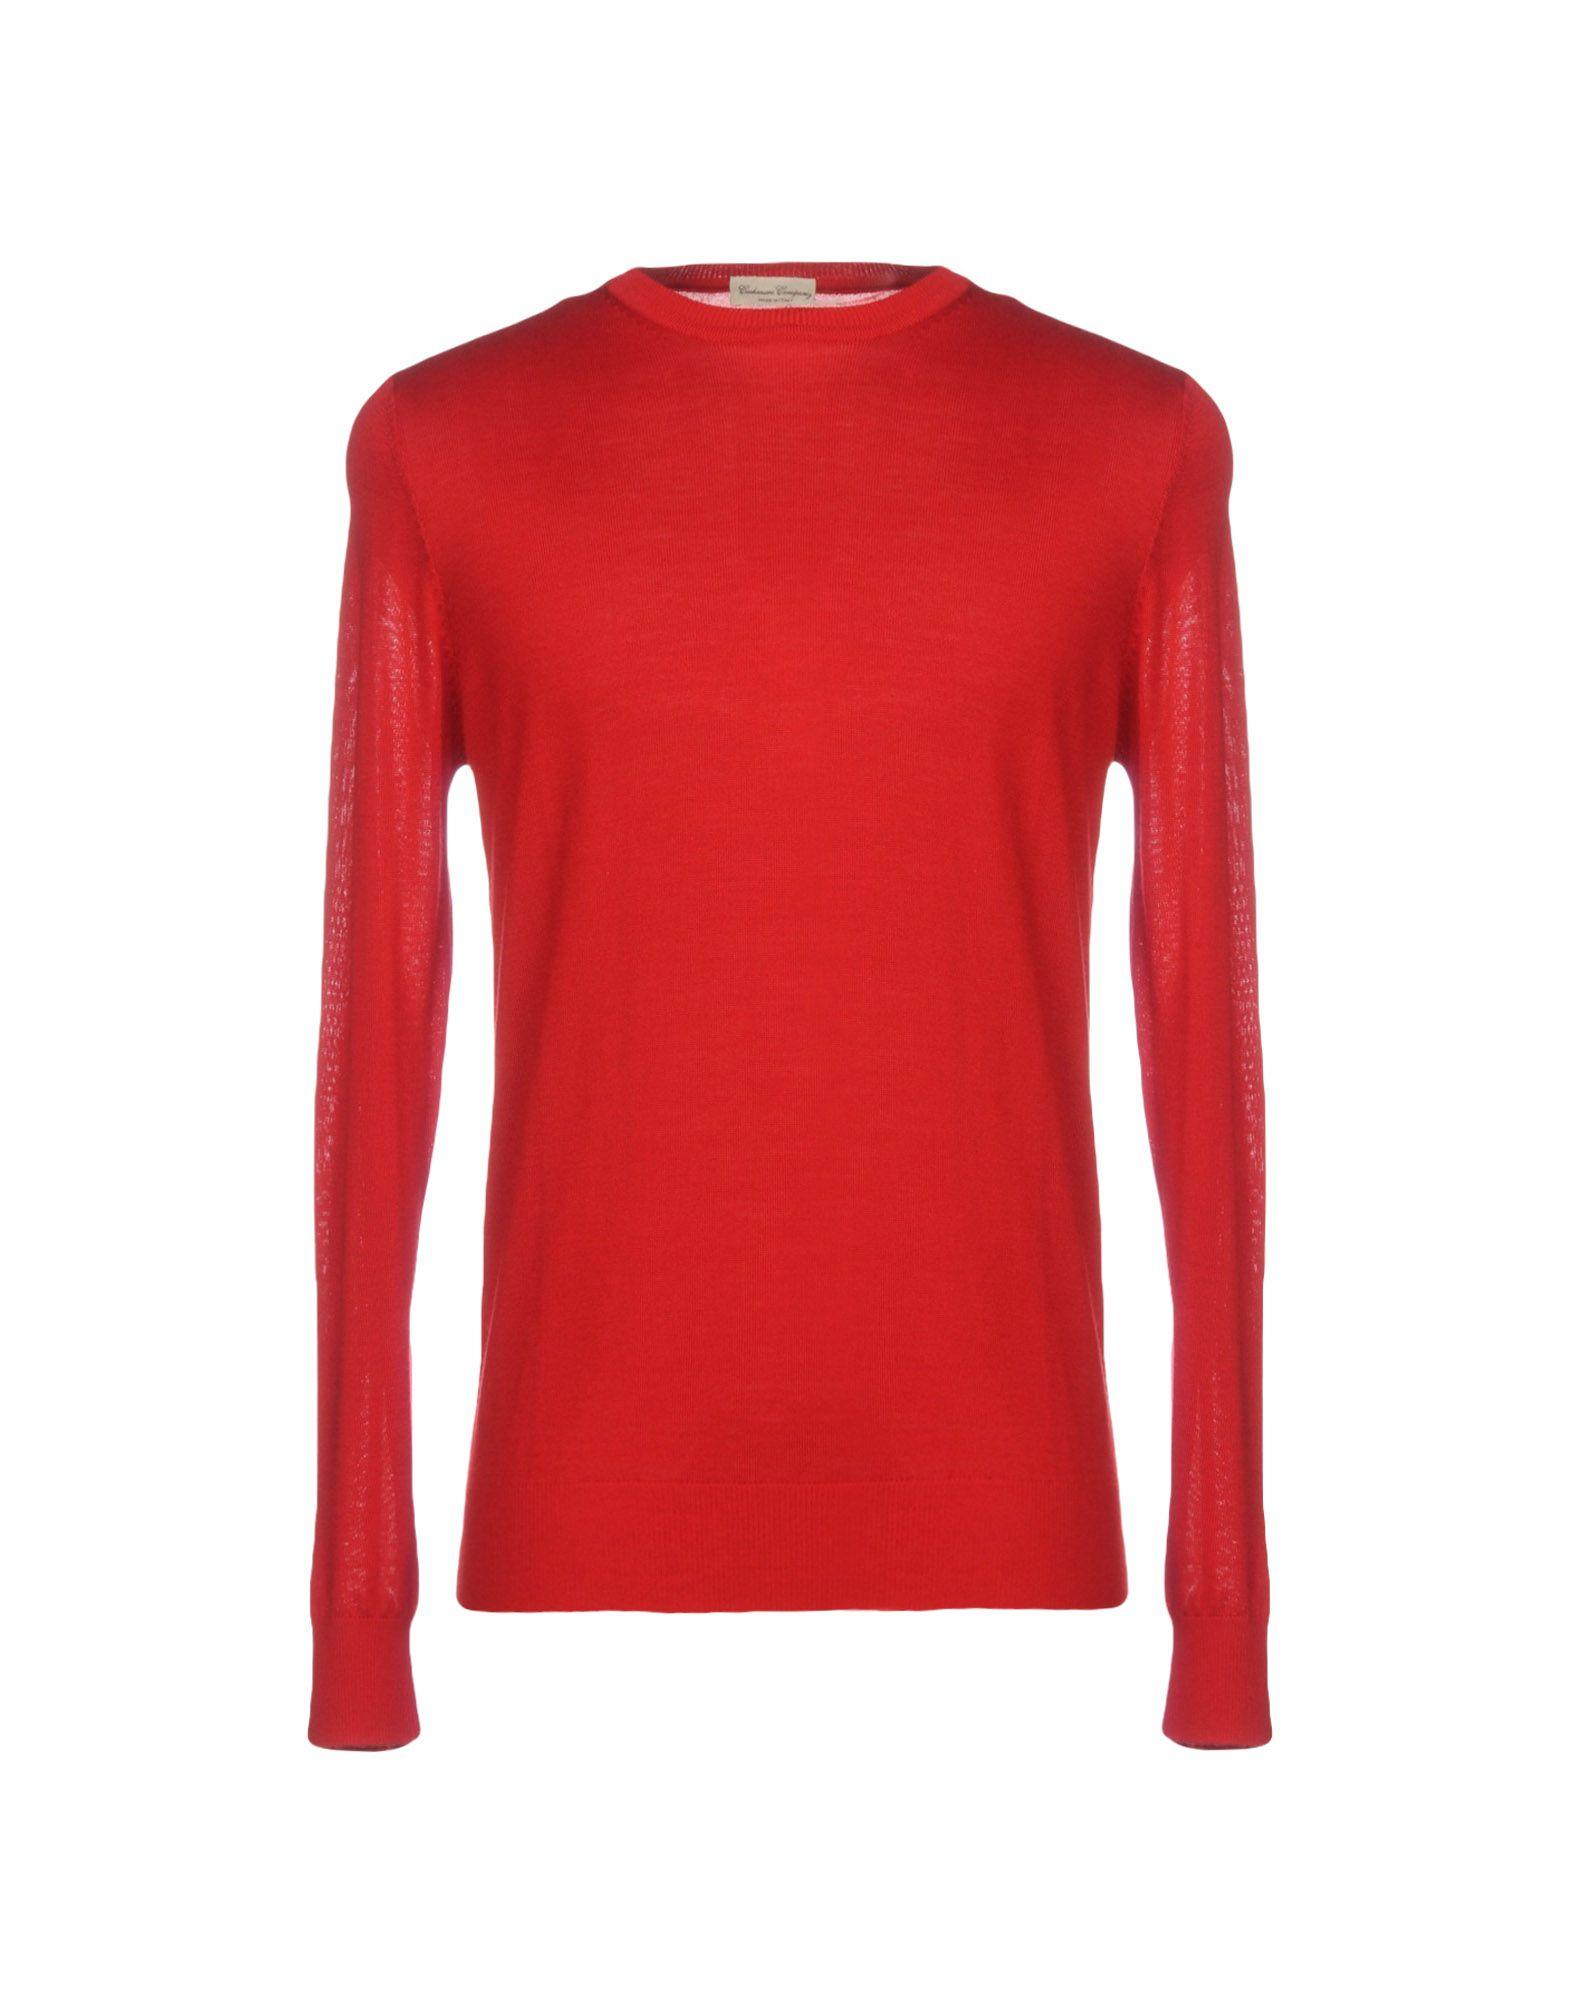 Pullover Cashmere Company Uomo - Acquista online su